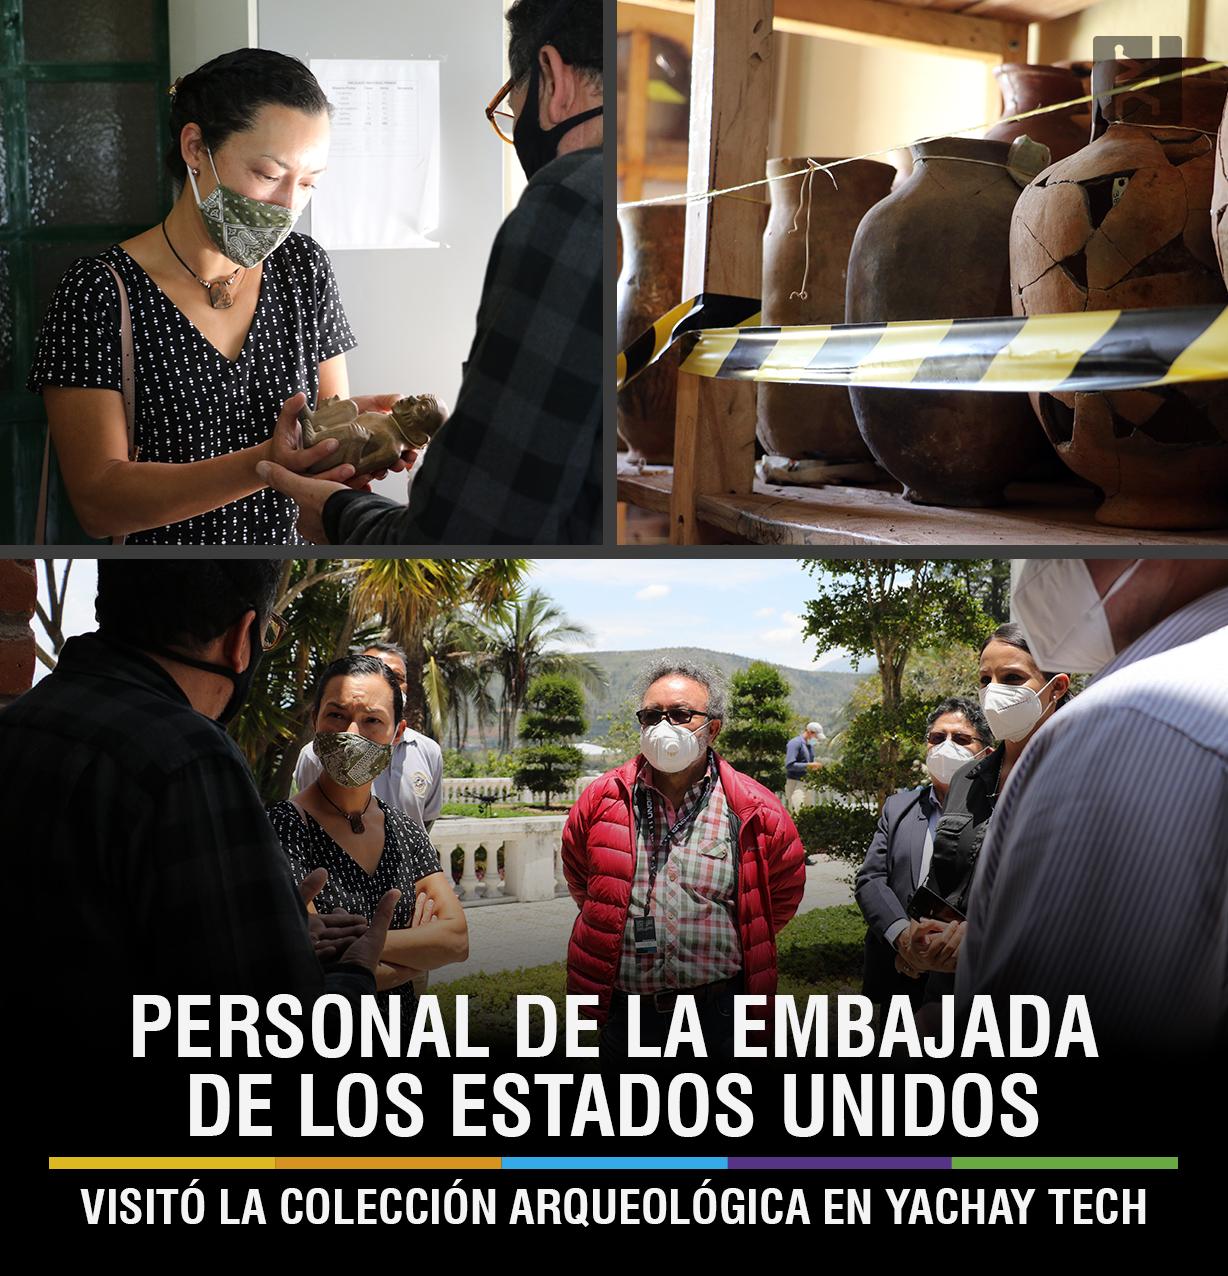 PERSONAL DE LA EMBAJADA DE LOS ESTADOS UNIDOS VISITÓ LA COLECCIÓN ARQUEOLÓGICA YACHAY TECH